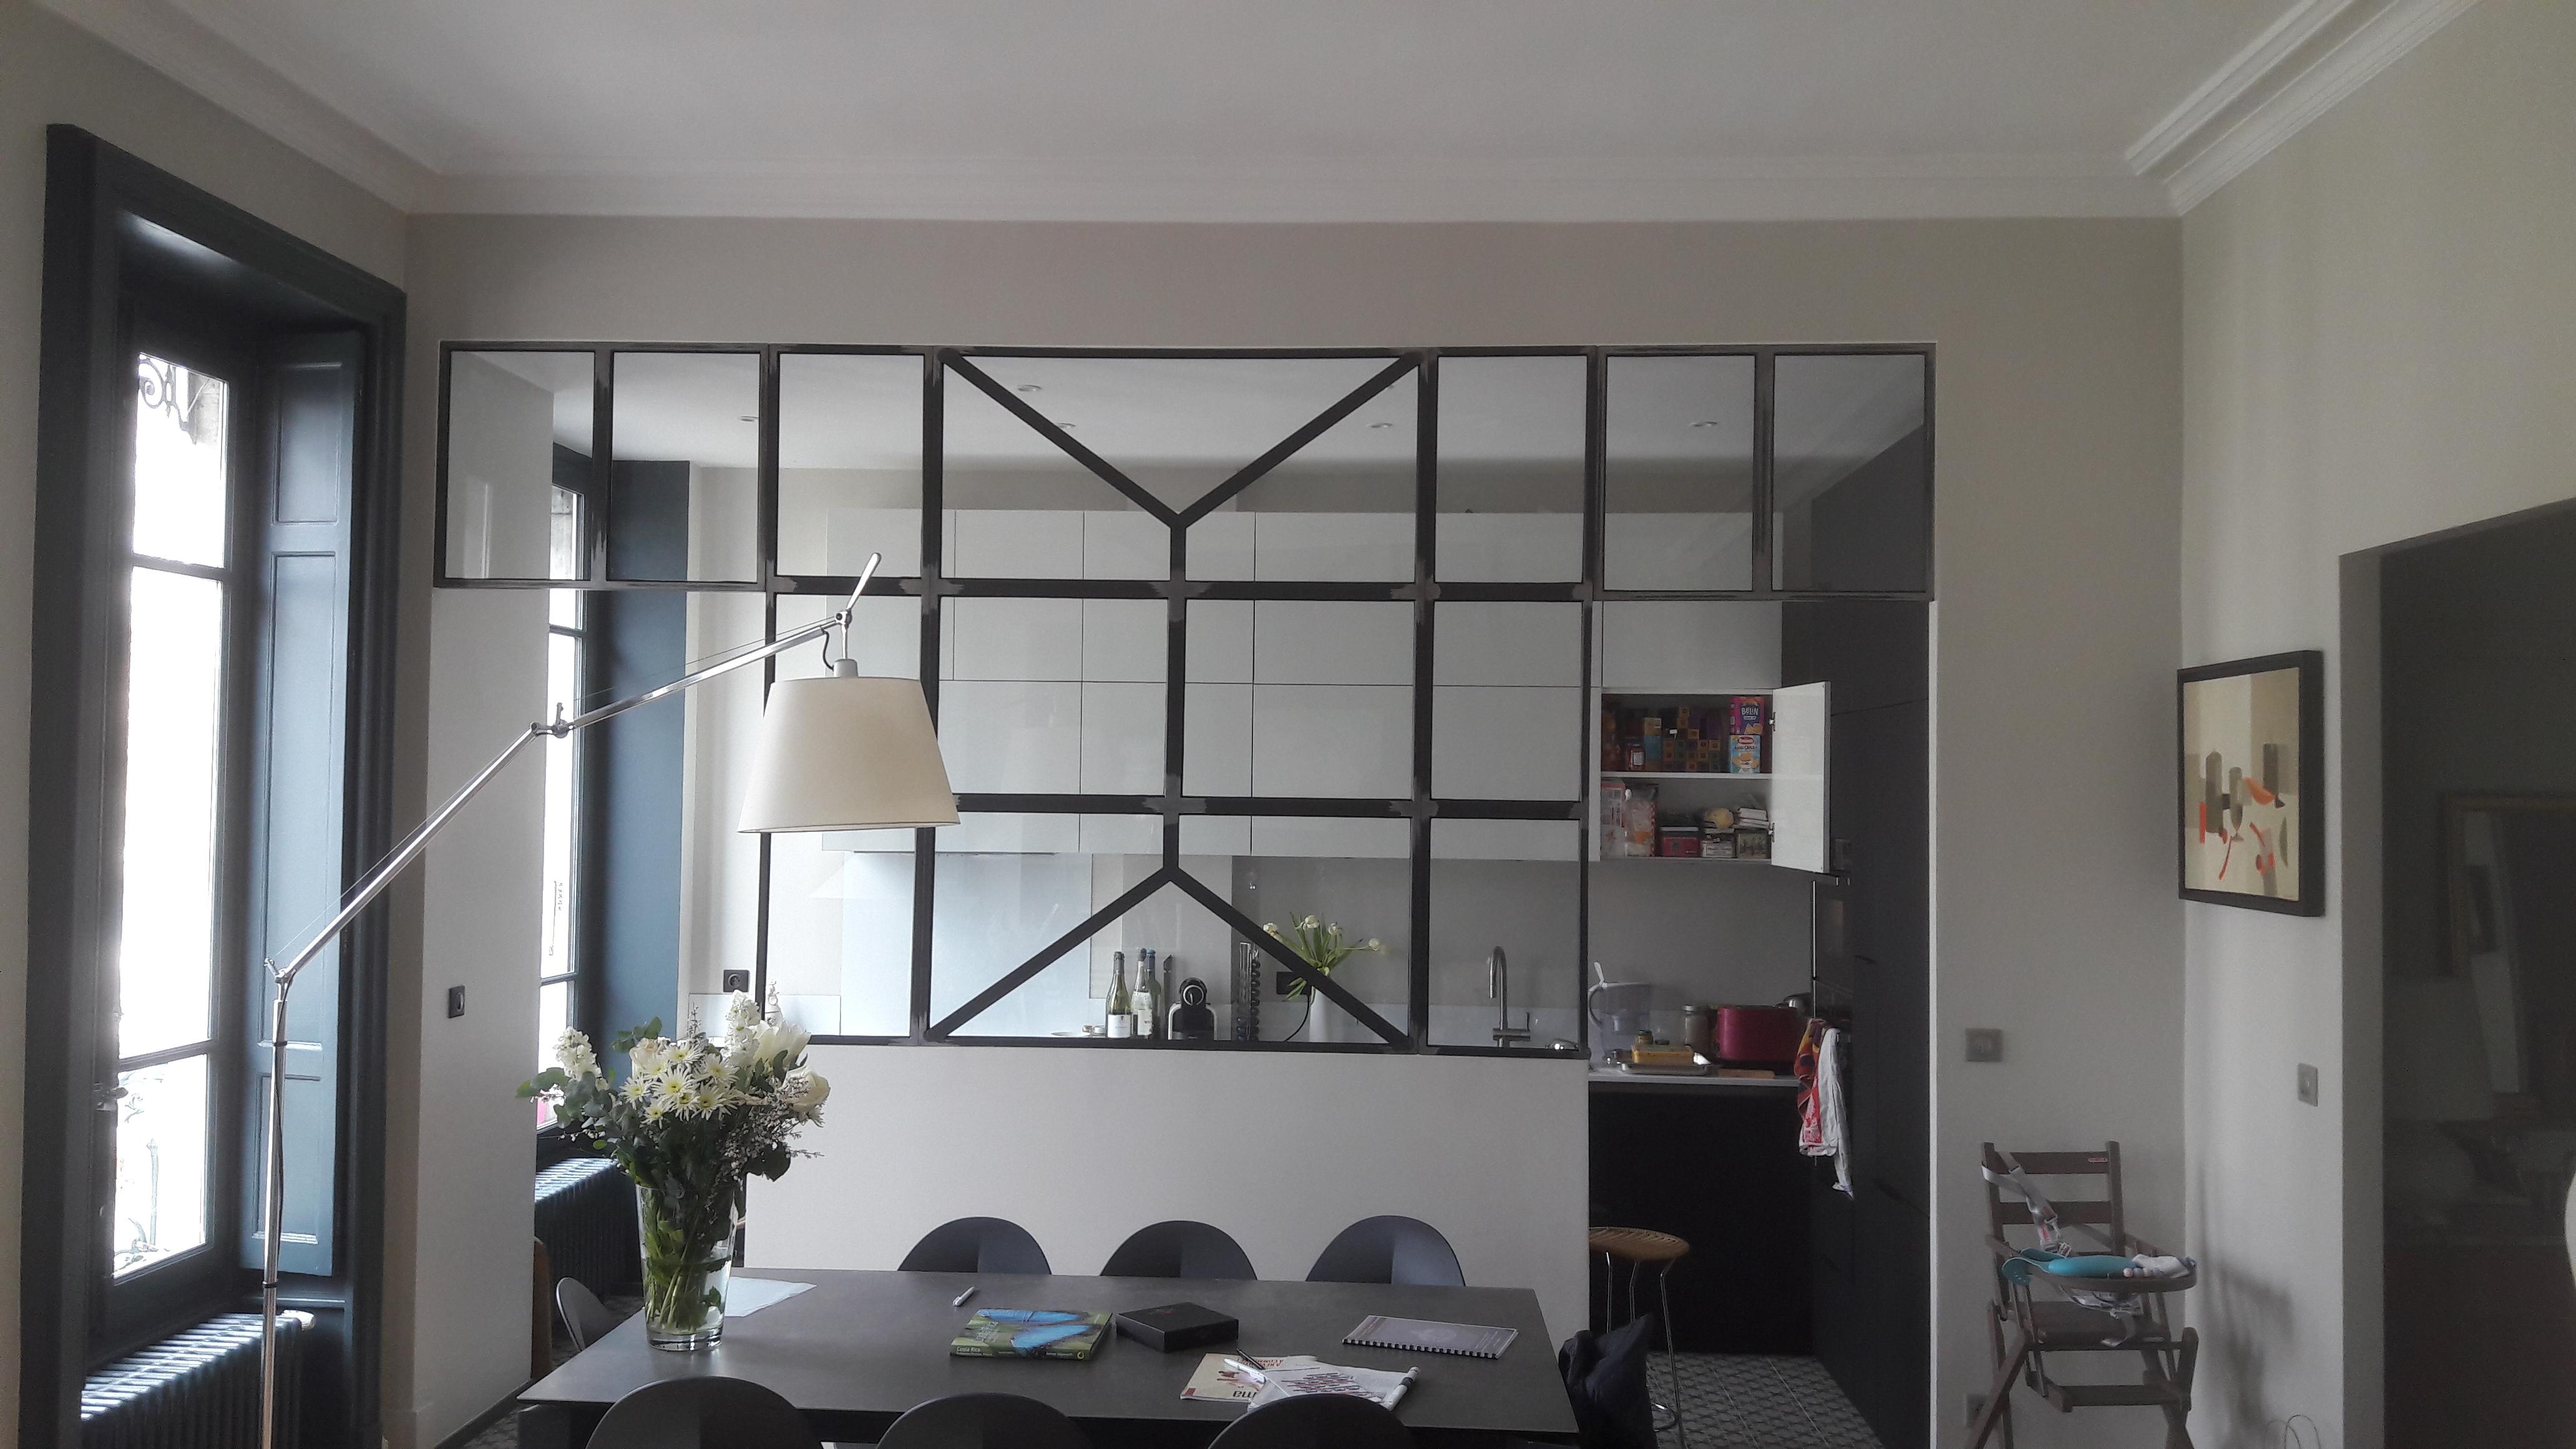 lyonnaise de décoration - ouverture salle de vie